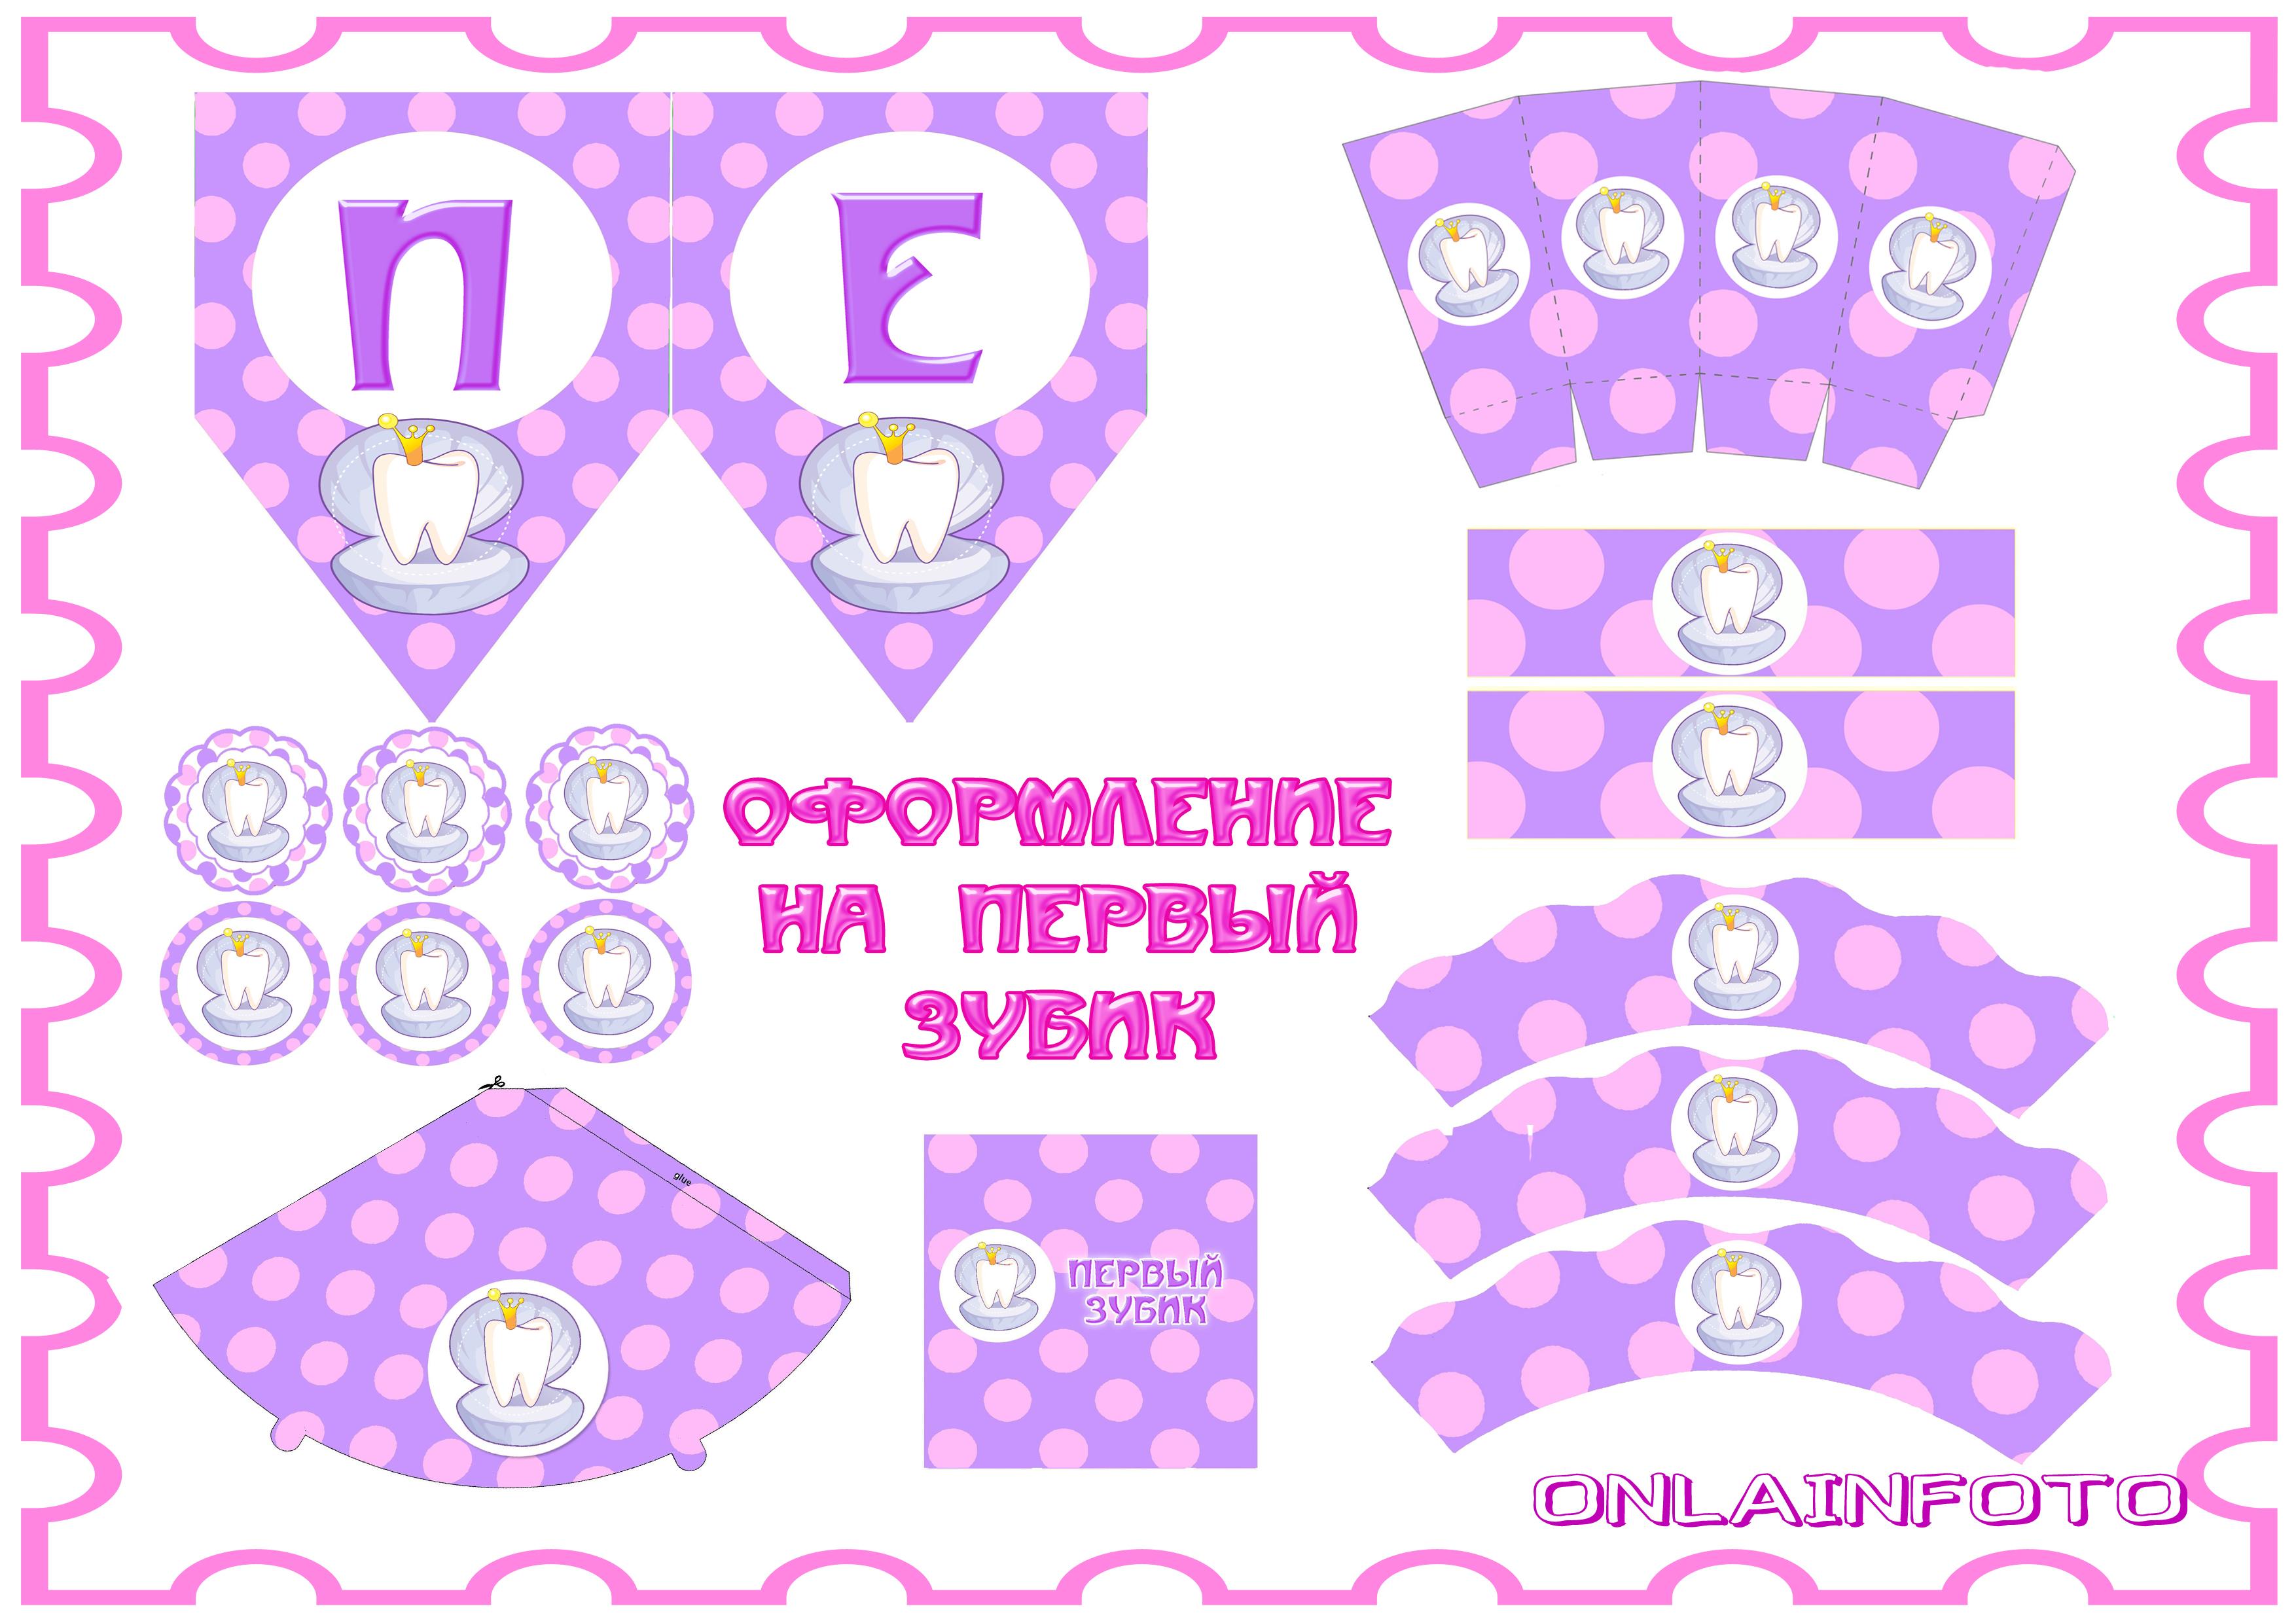 фиолетовое, розовое оформление на зубик